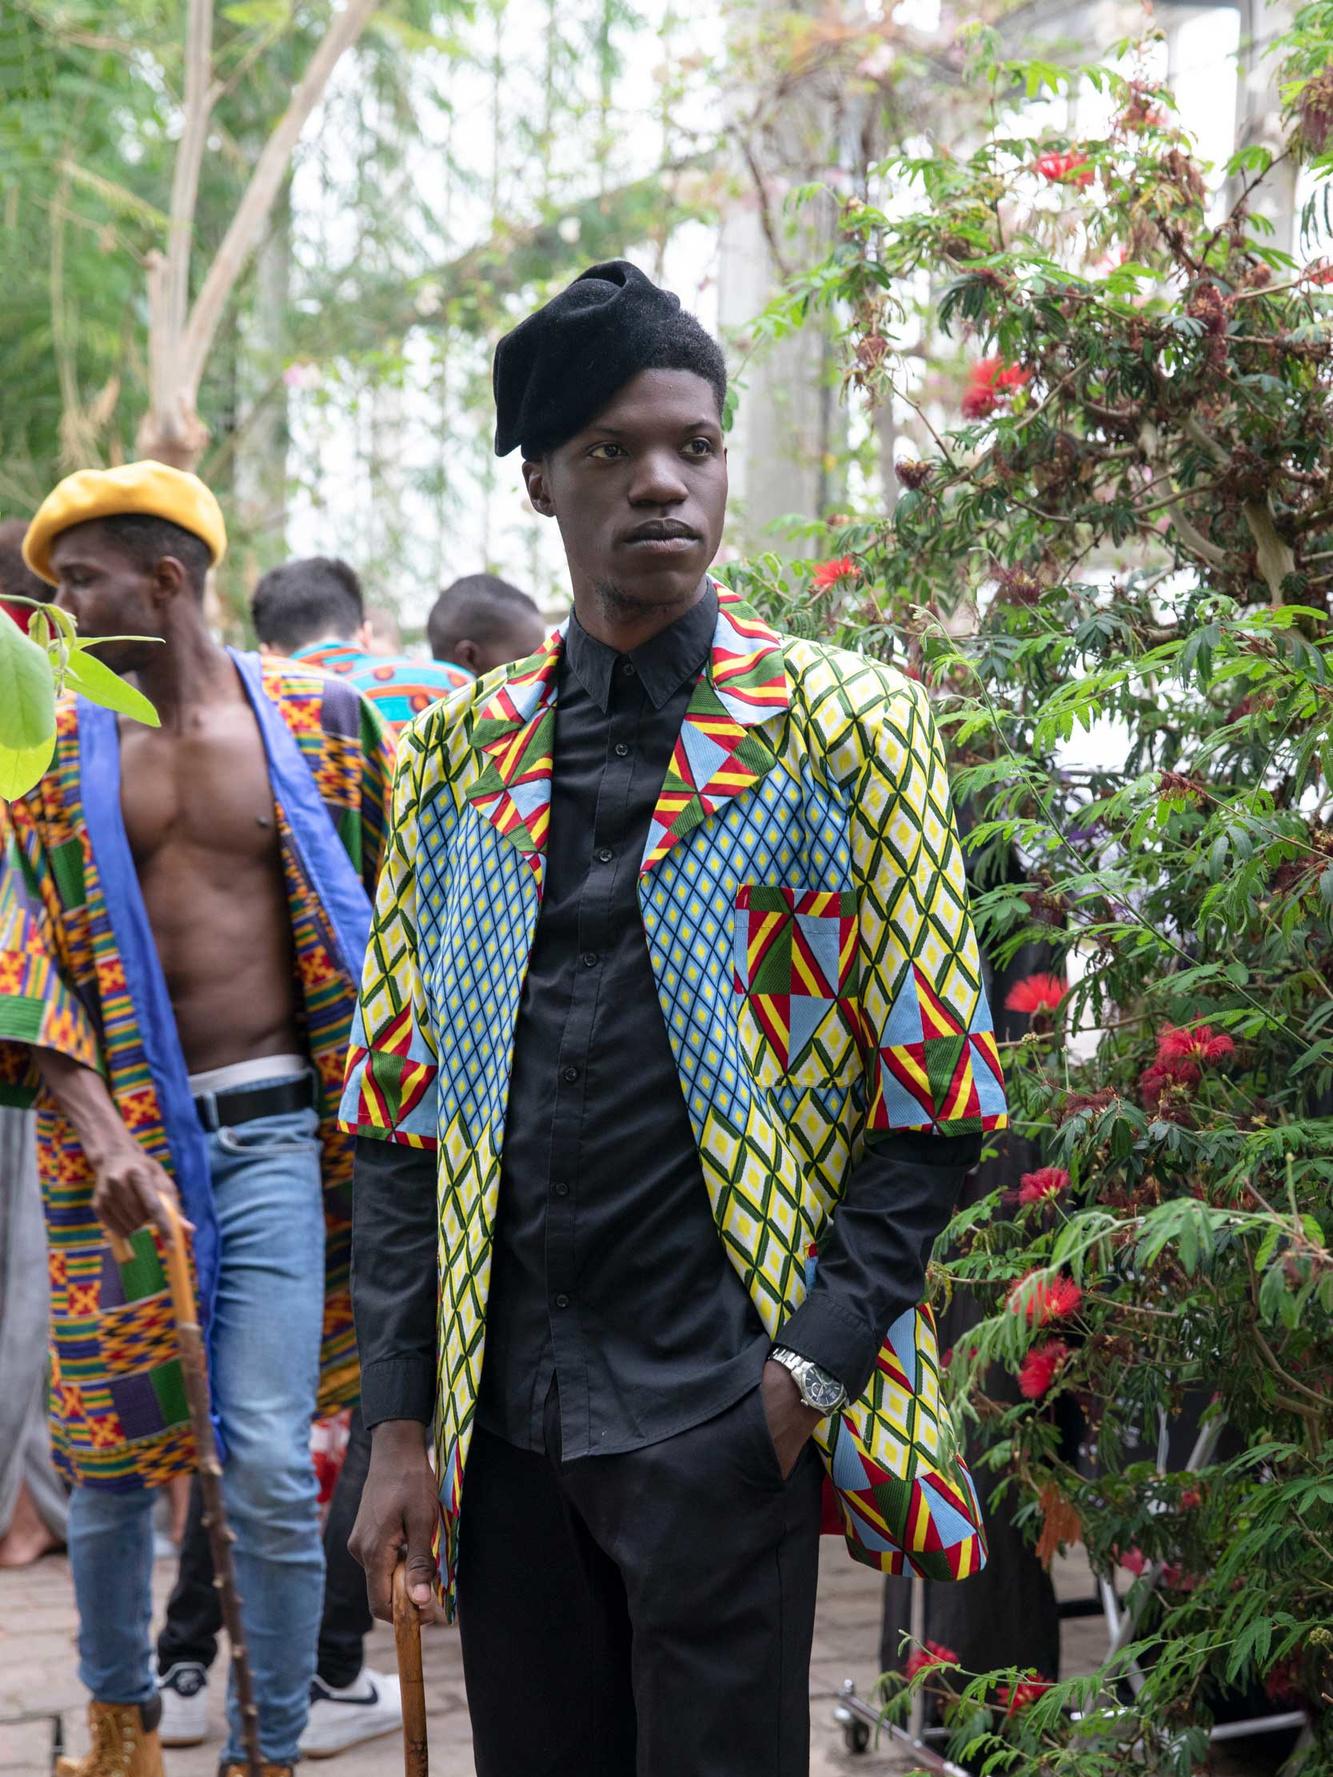 Kleren van ontwerpster Kristel Bukasa op een show tijdens de Africa Fashion Week - Plantentuin Meise, België (2019), Mashid Mohadjerin